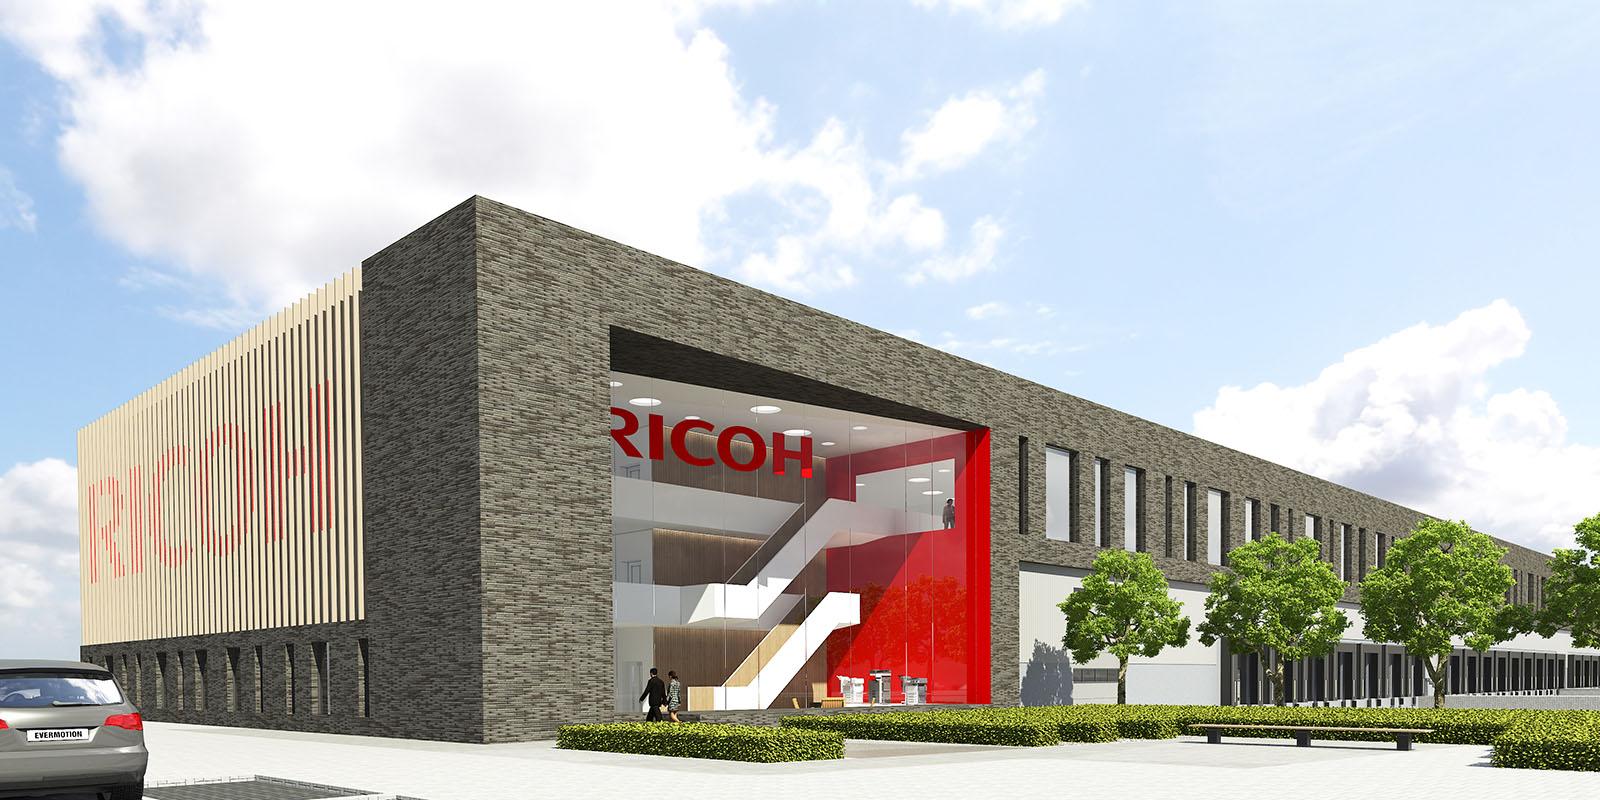 Architectuur – Ricoh 01 web